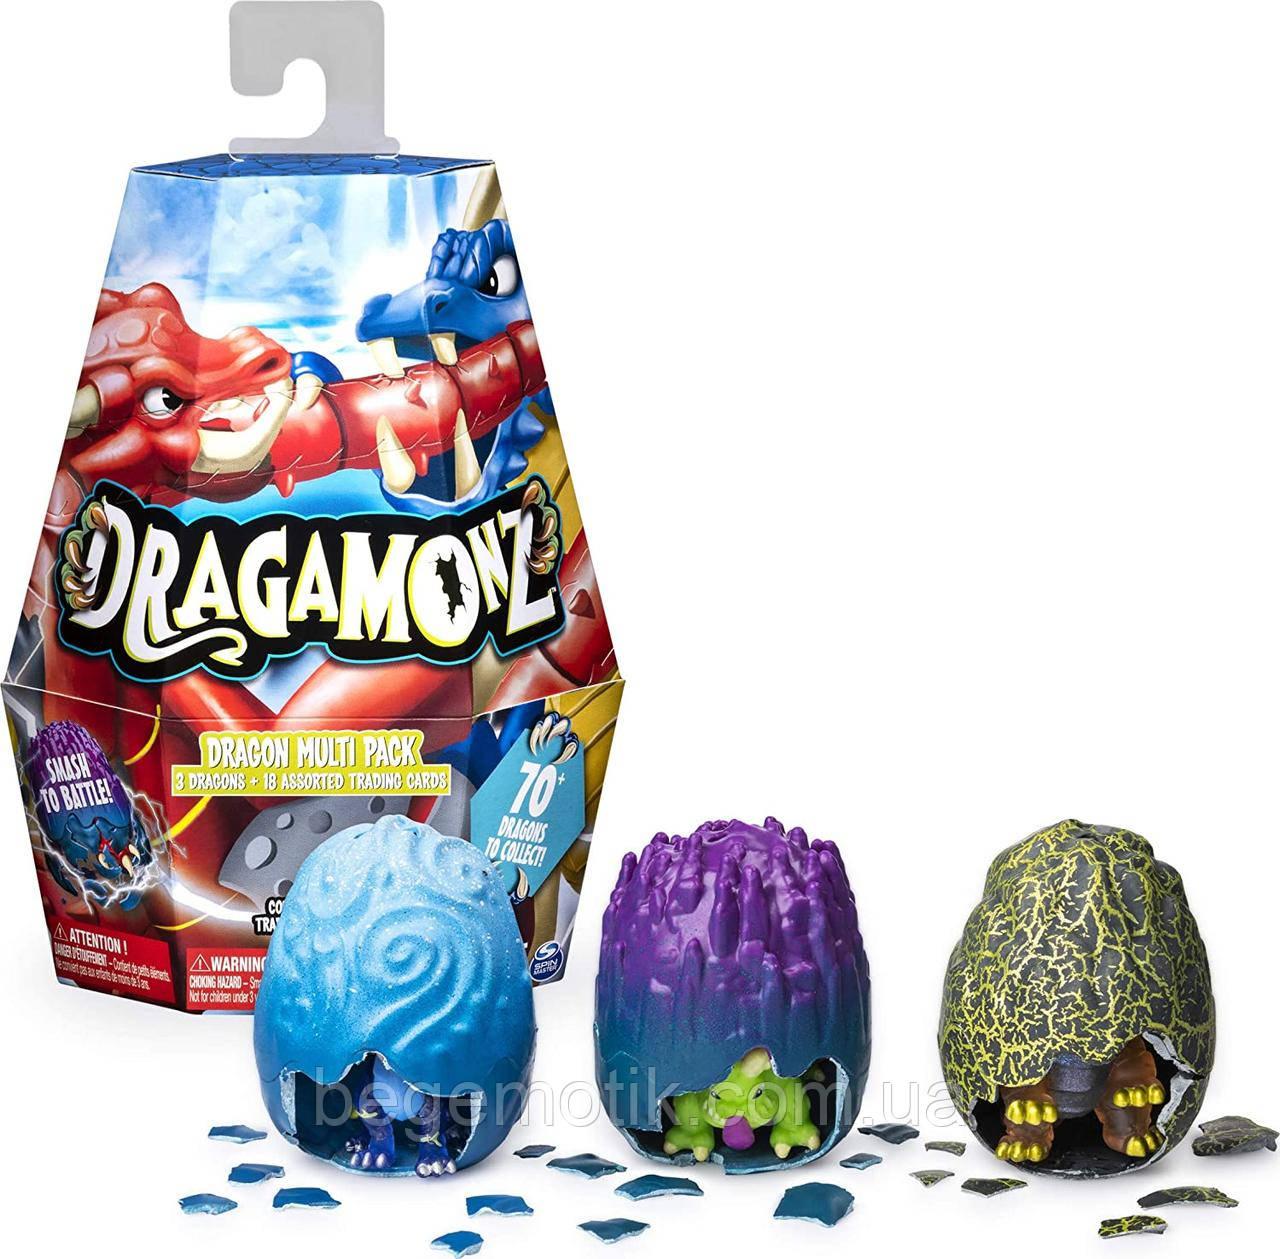 Dragamonz Фигурки сюрприз драконы в яйцах Dragon Multi 3-Pack Figure 6045621